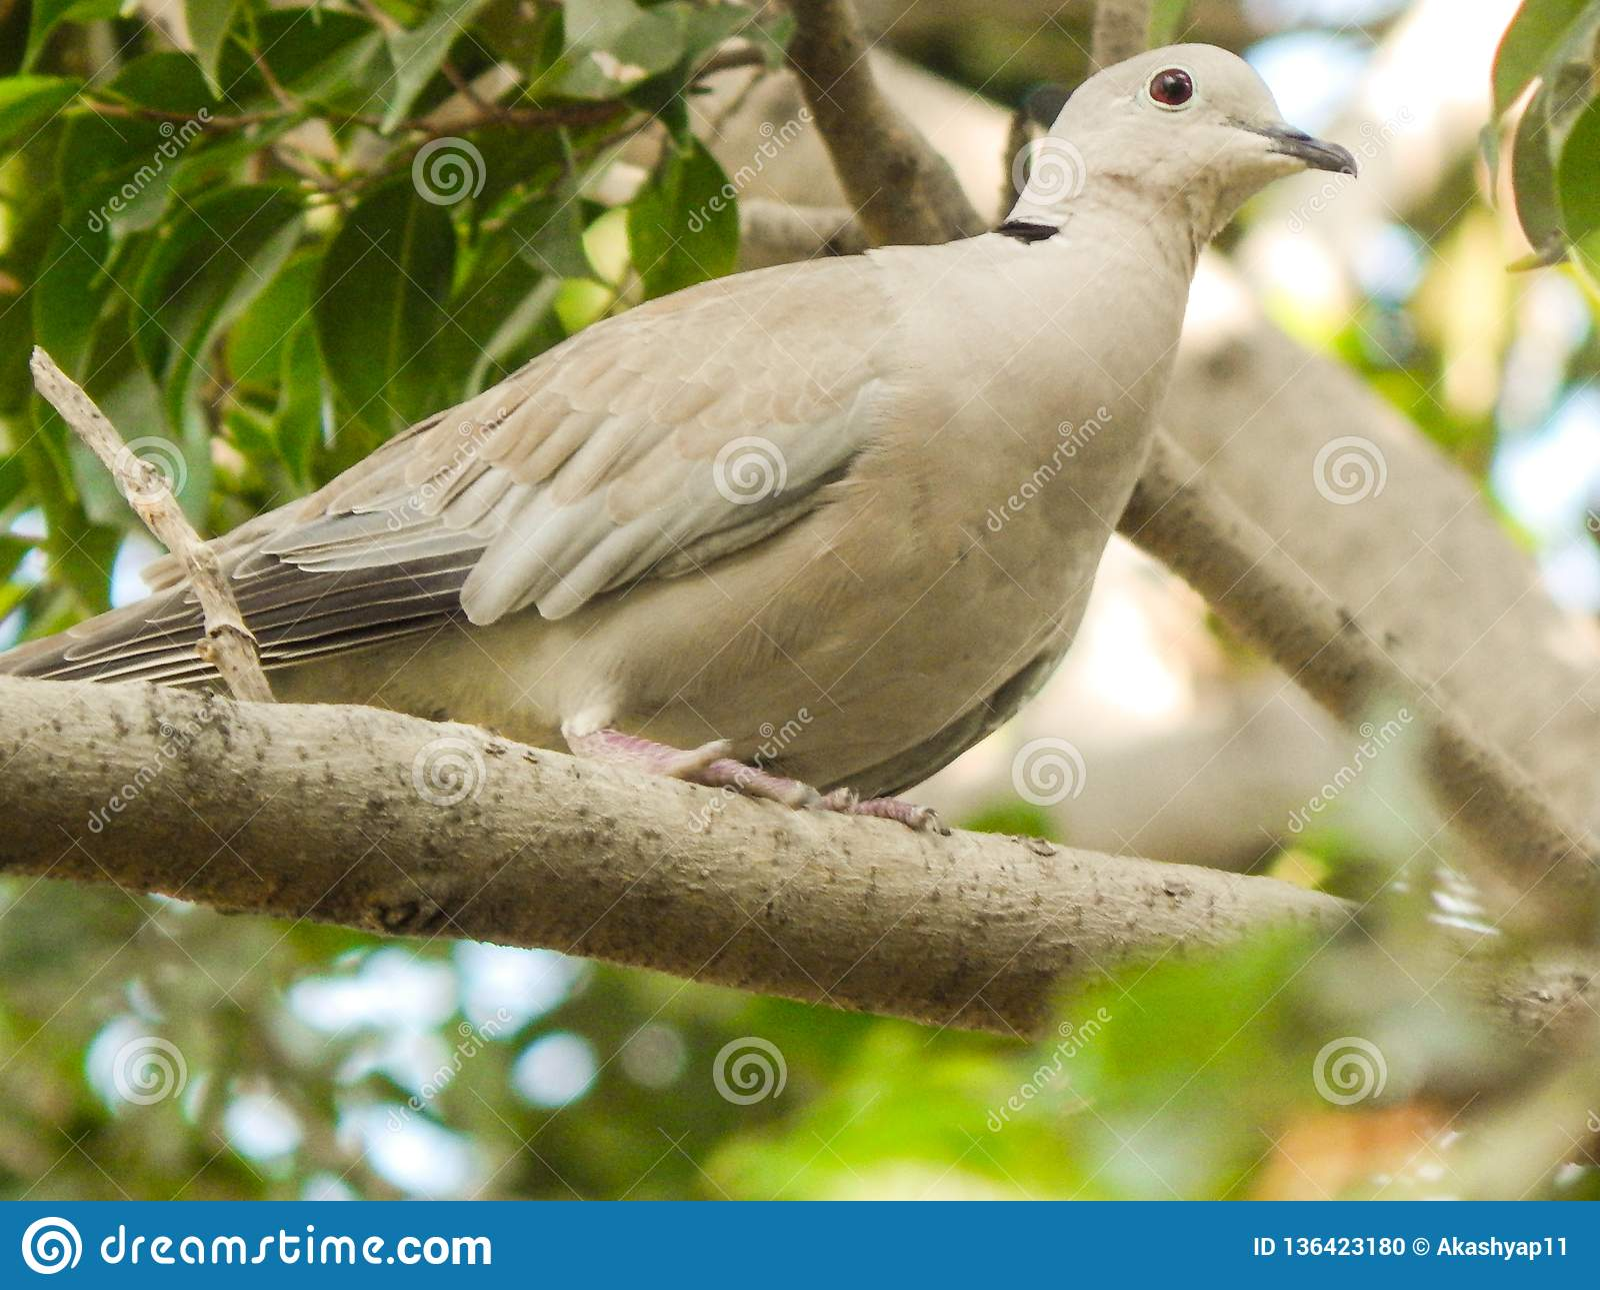 Eurasian försedd med krage duva som sitter på en filial av ett träd som tyst ser något Härlig varelse som göras av guden